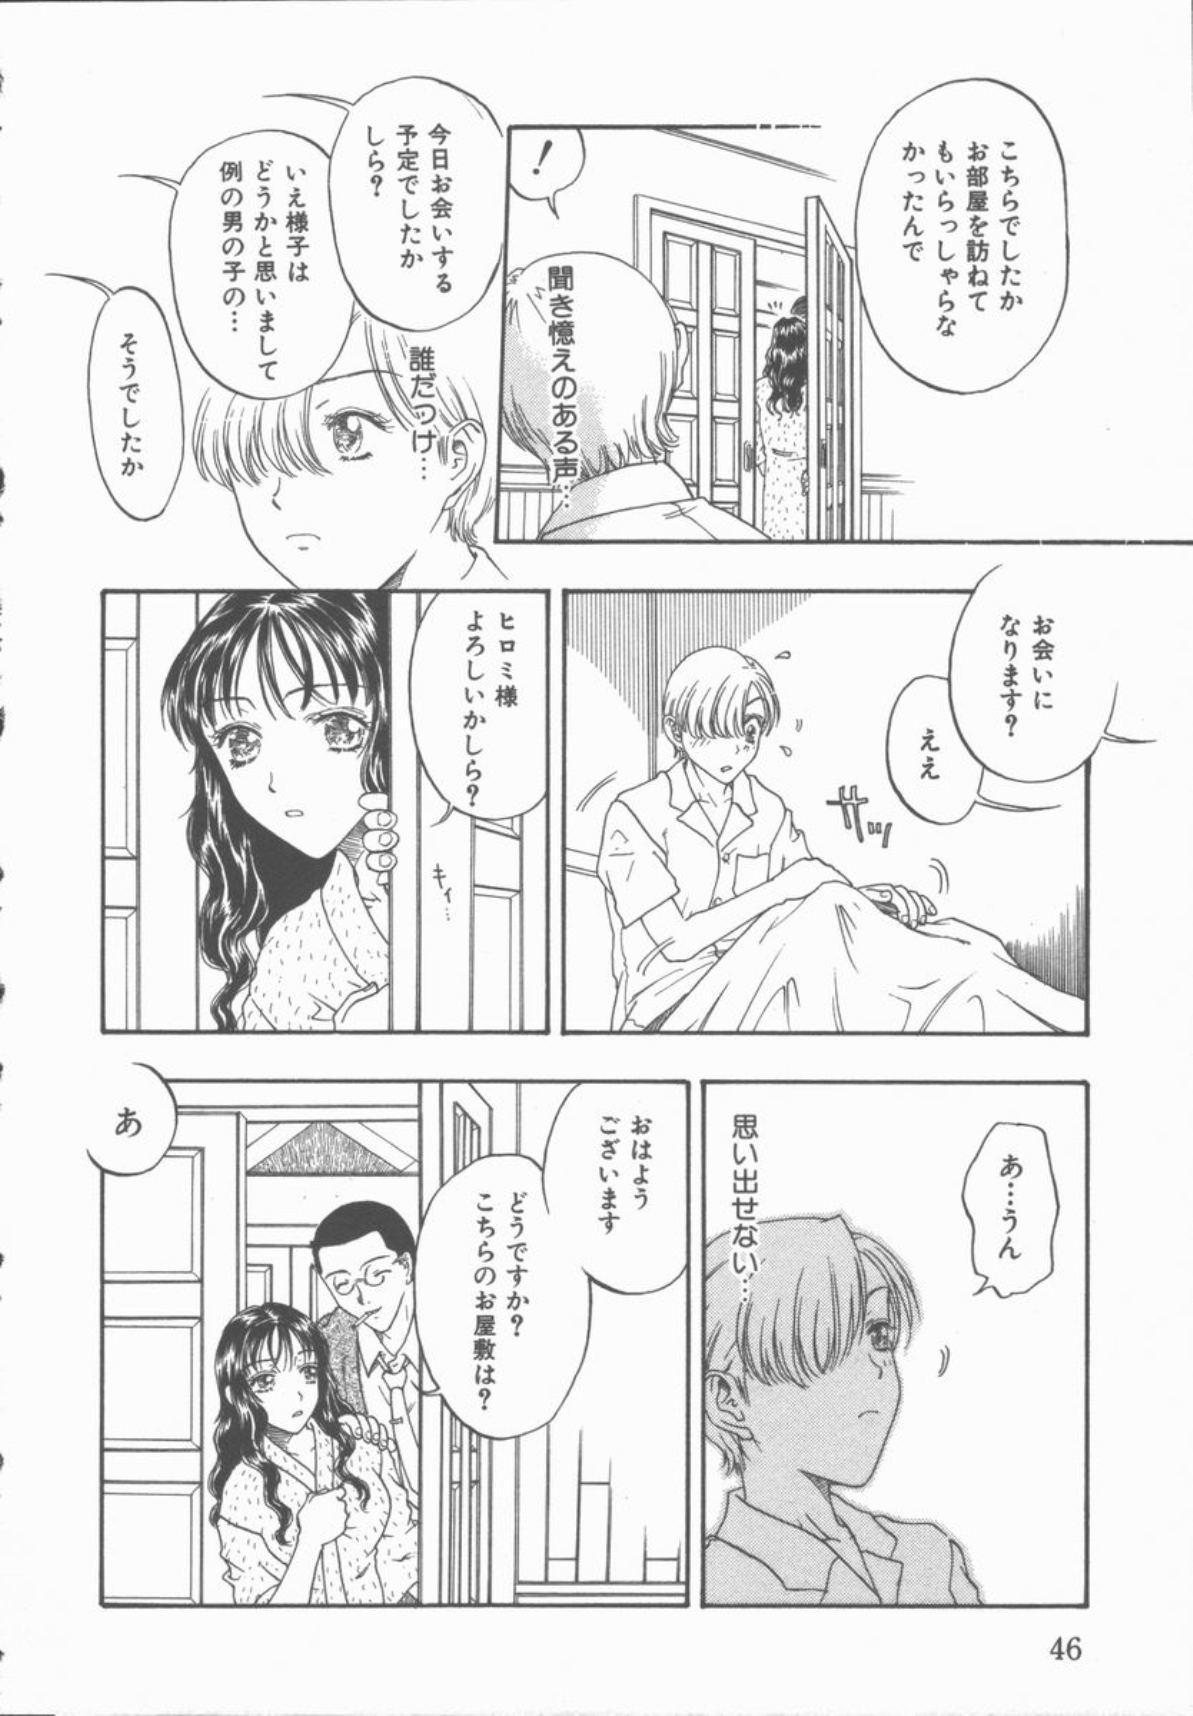 Inma no Sumu Yakata 46